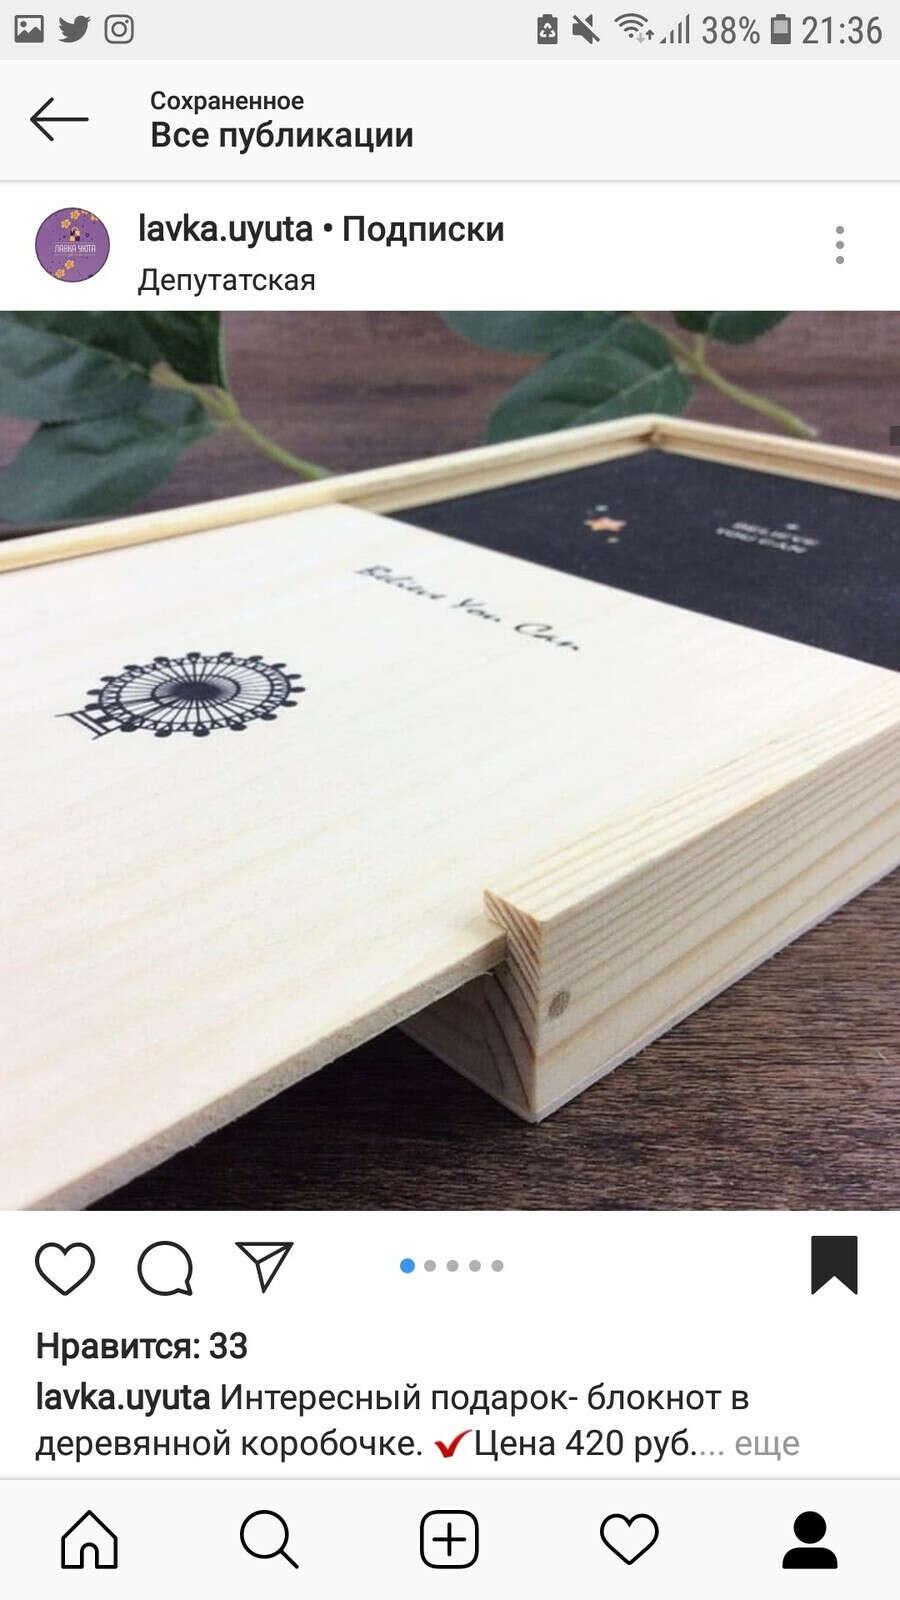 Блокнот в деревянном чехле